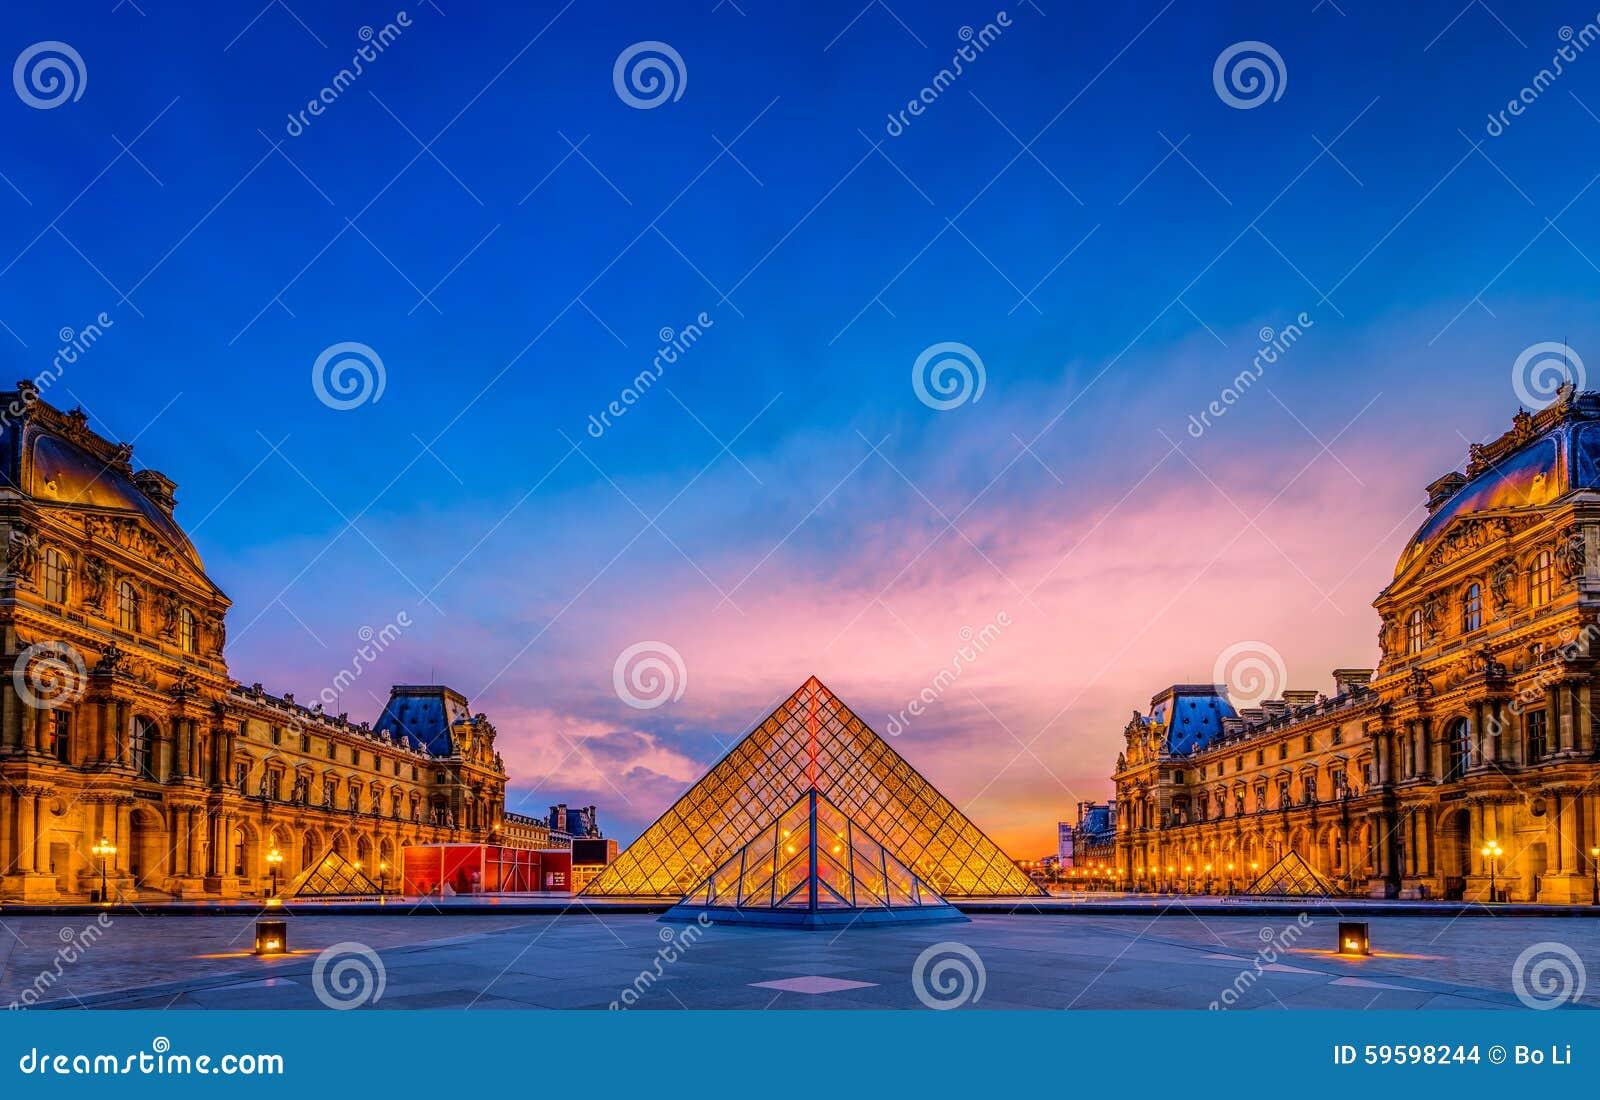 O por do sol do museu do Louvre